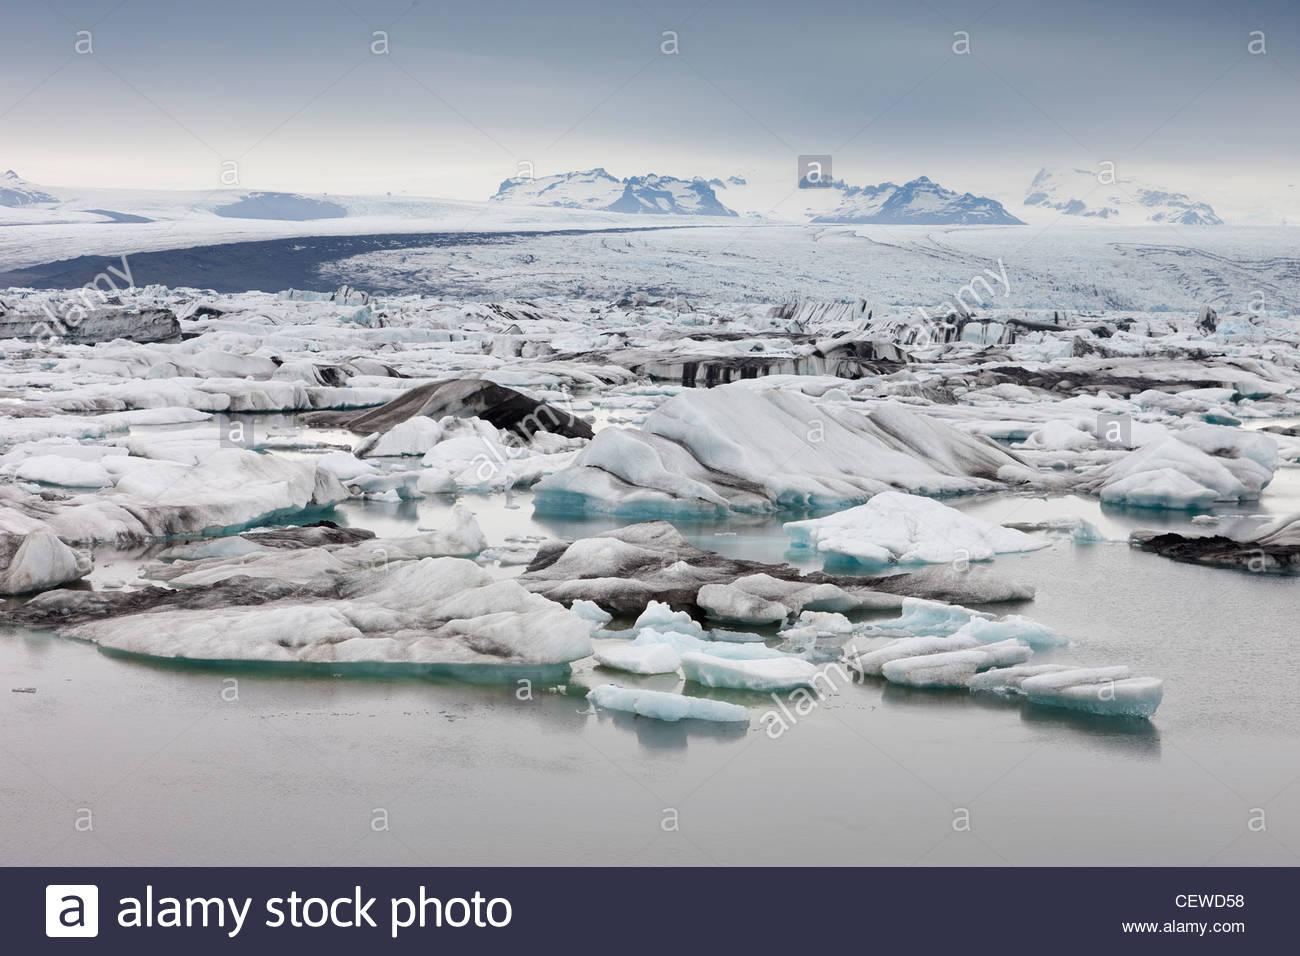 Zahlreiche Eisberge schwimmen im Jökulsárlón, die Gletscherlagune im Südosten Islands. Stockbild